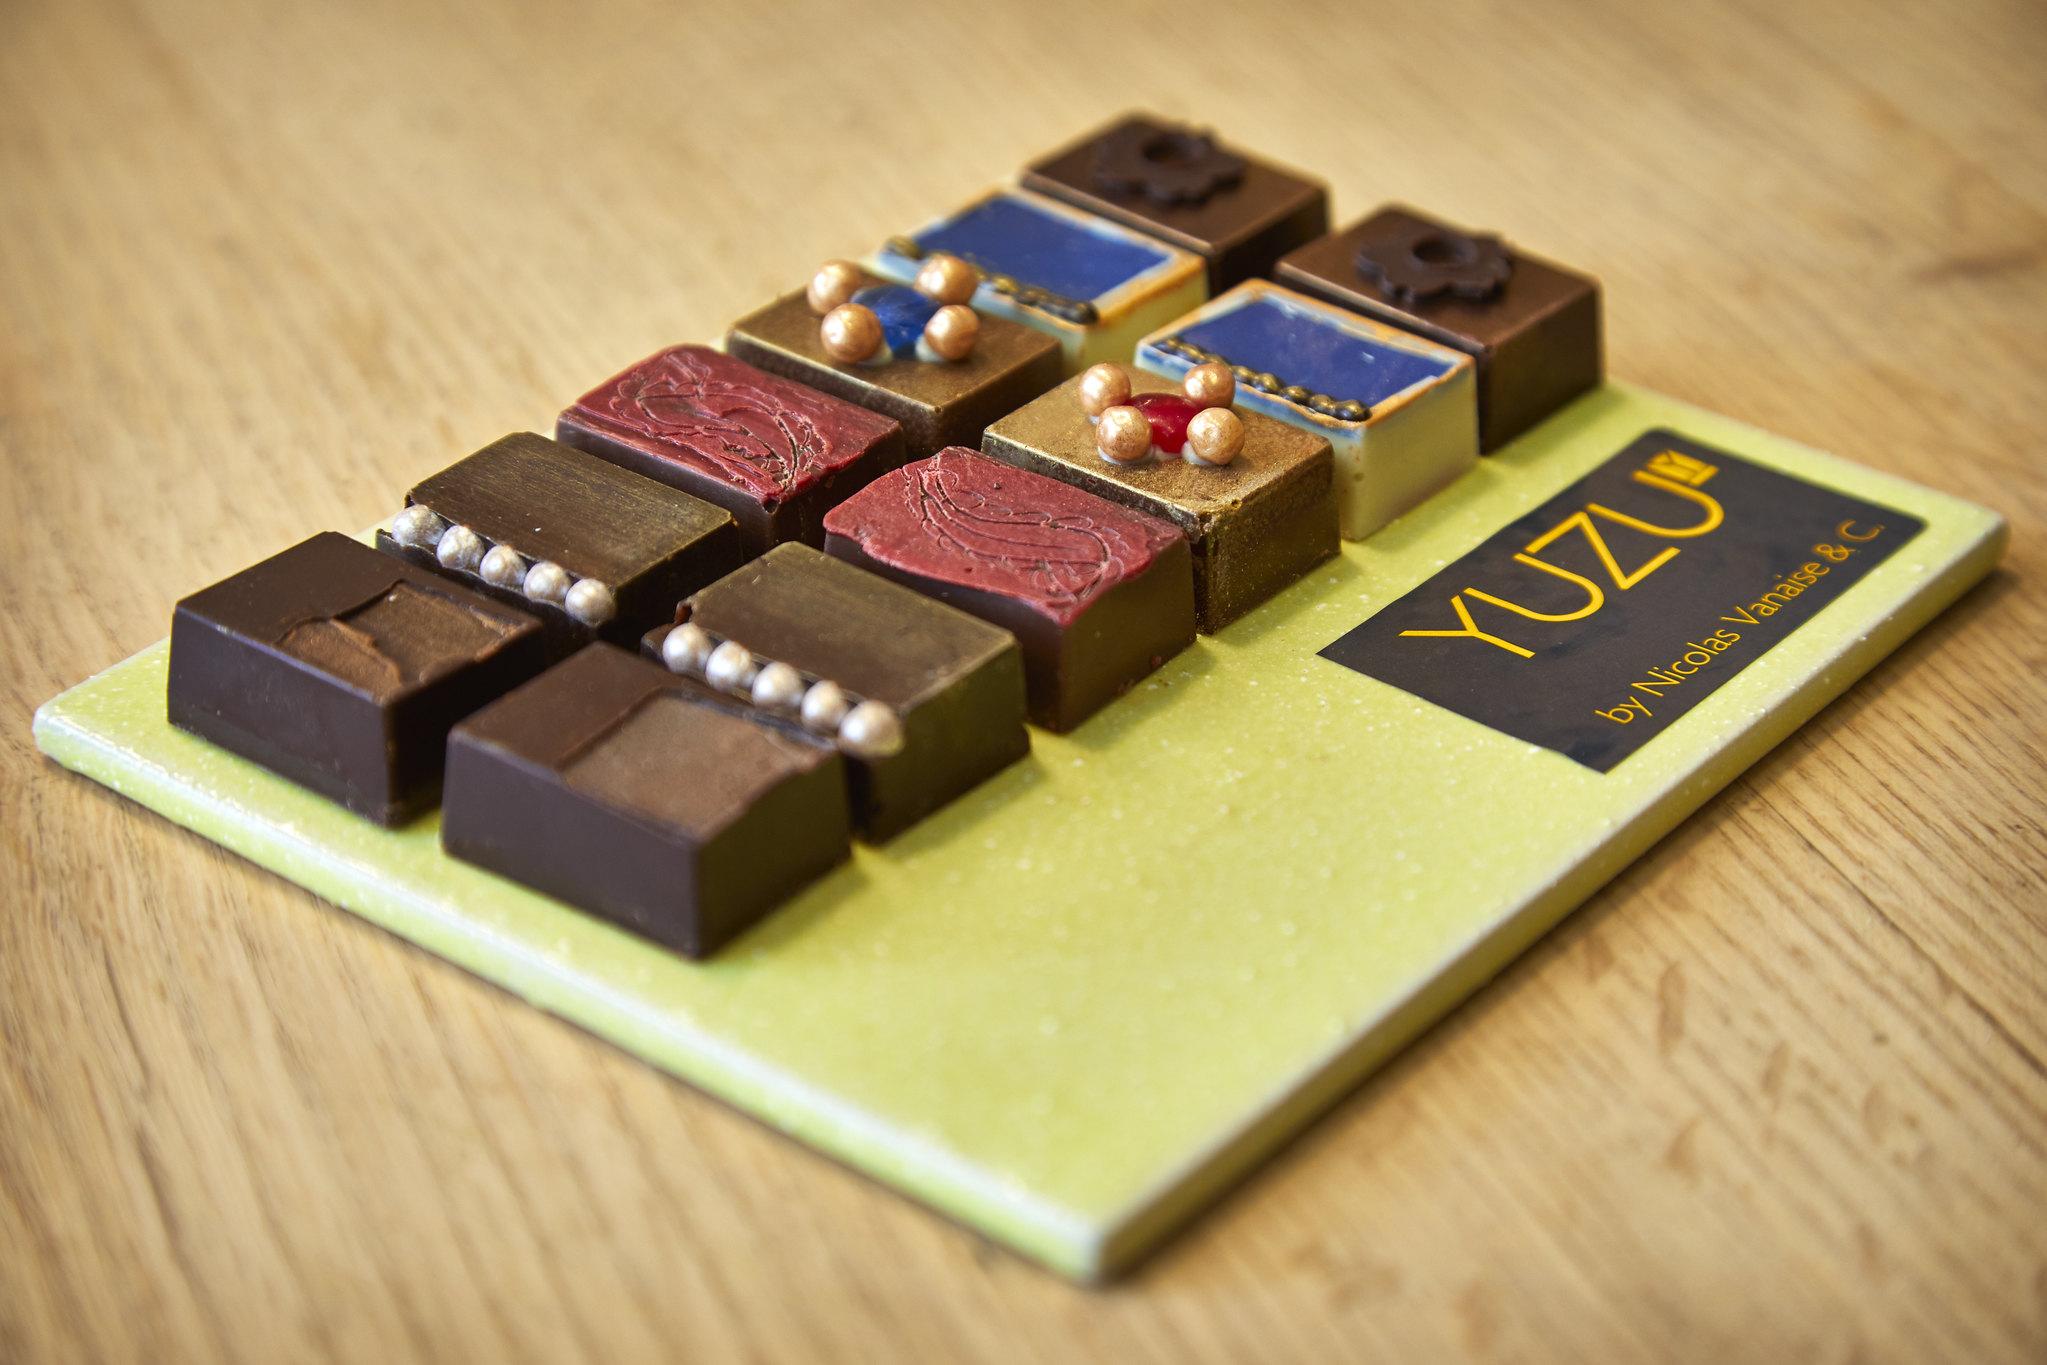 a cioccolateria Yuzu di Gent per l'occasione ha creato sei nuovi cioccolatini con gli ingredienti che avrebbe potuto assaggiare anche Van Eyck, dalle forme ispirate ai dettagli delle opere del maestro fiammingo